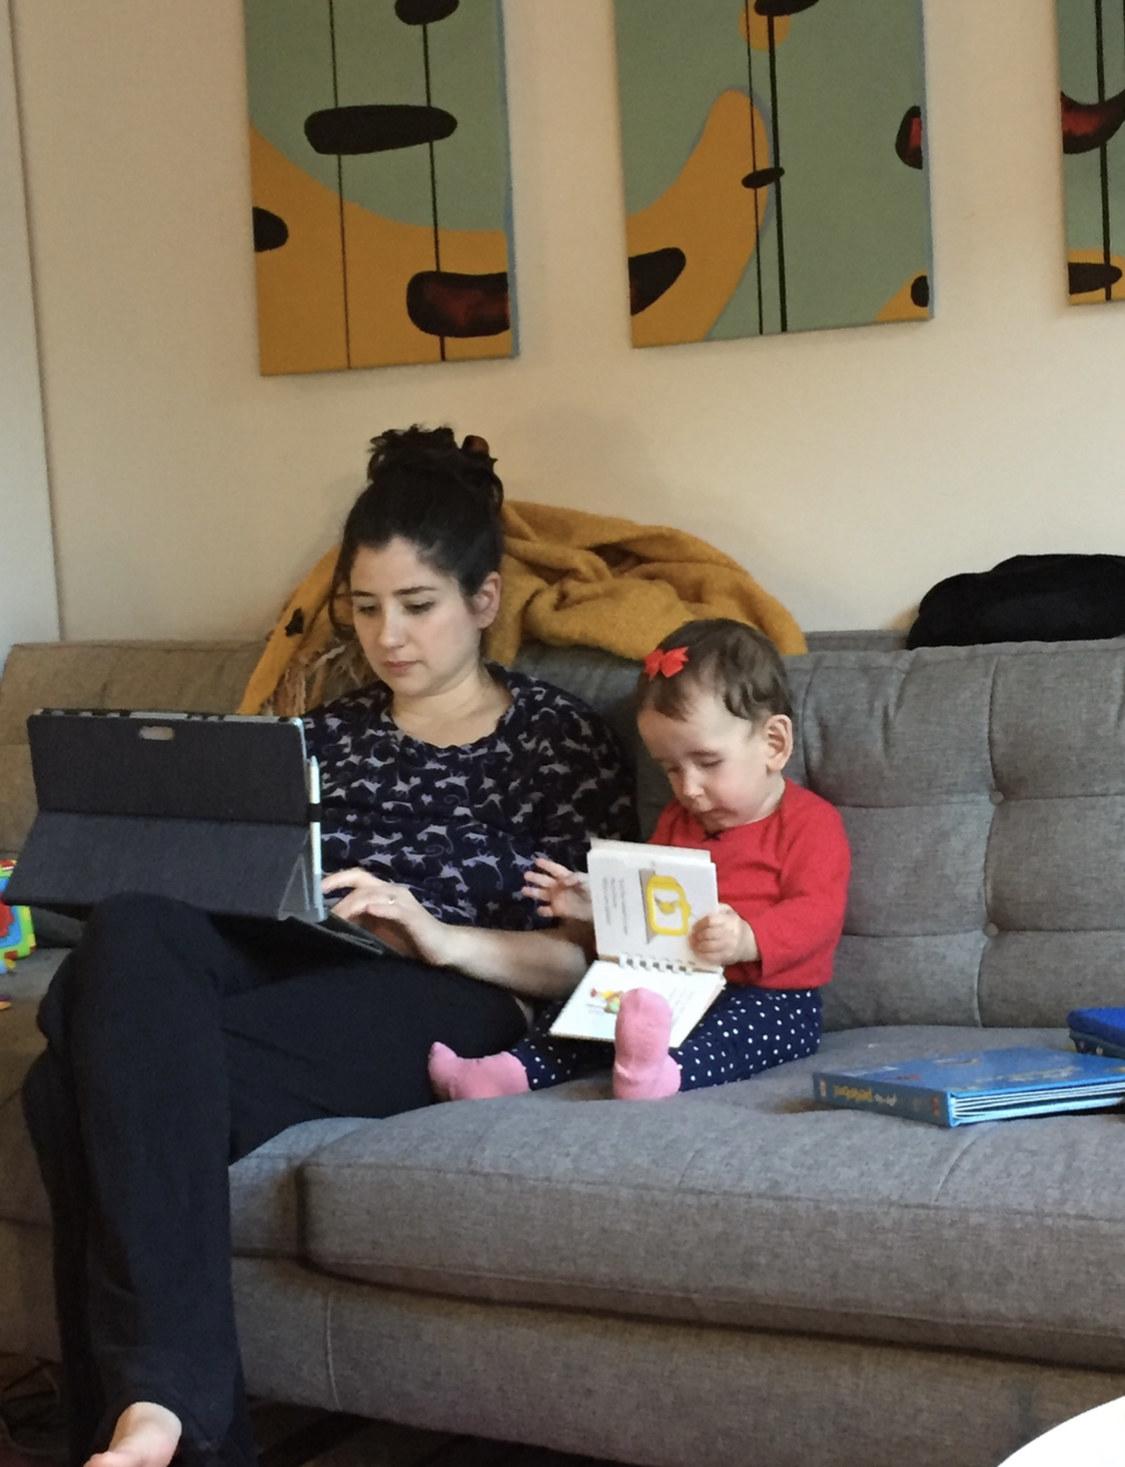 Loryn and Dalia working on computers